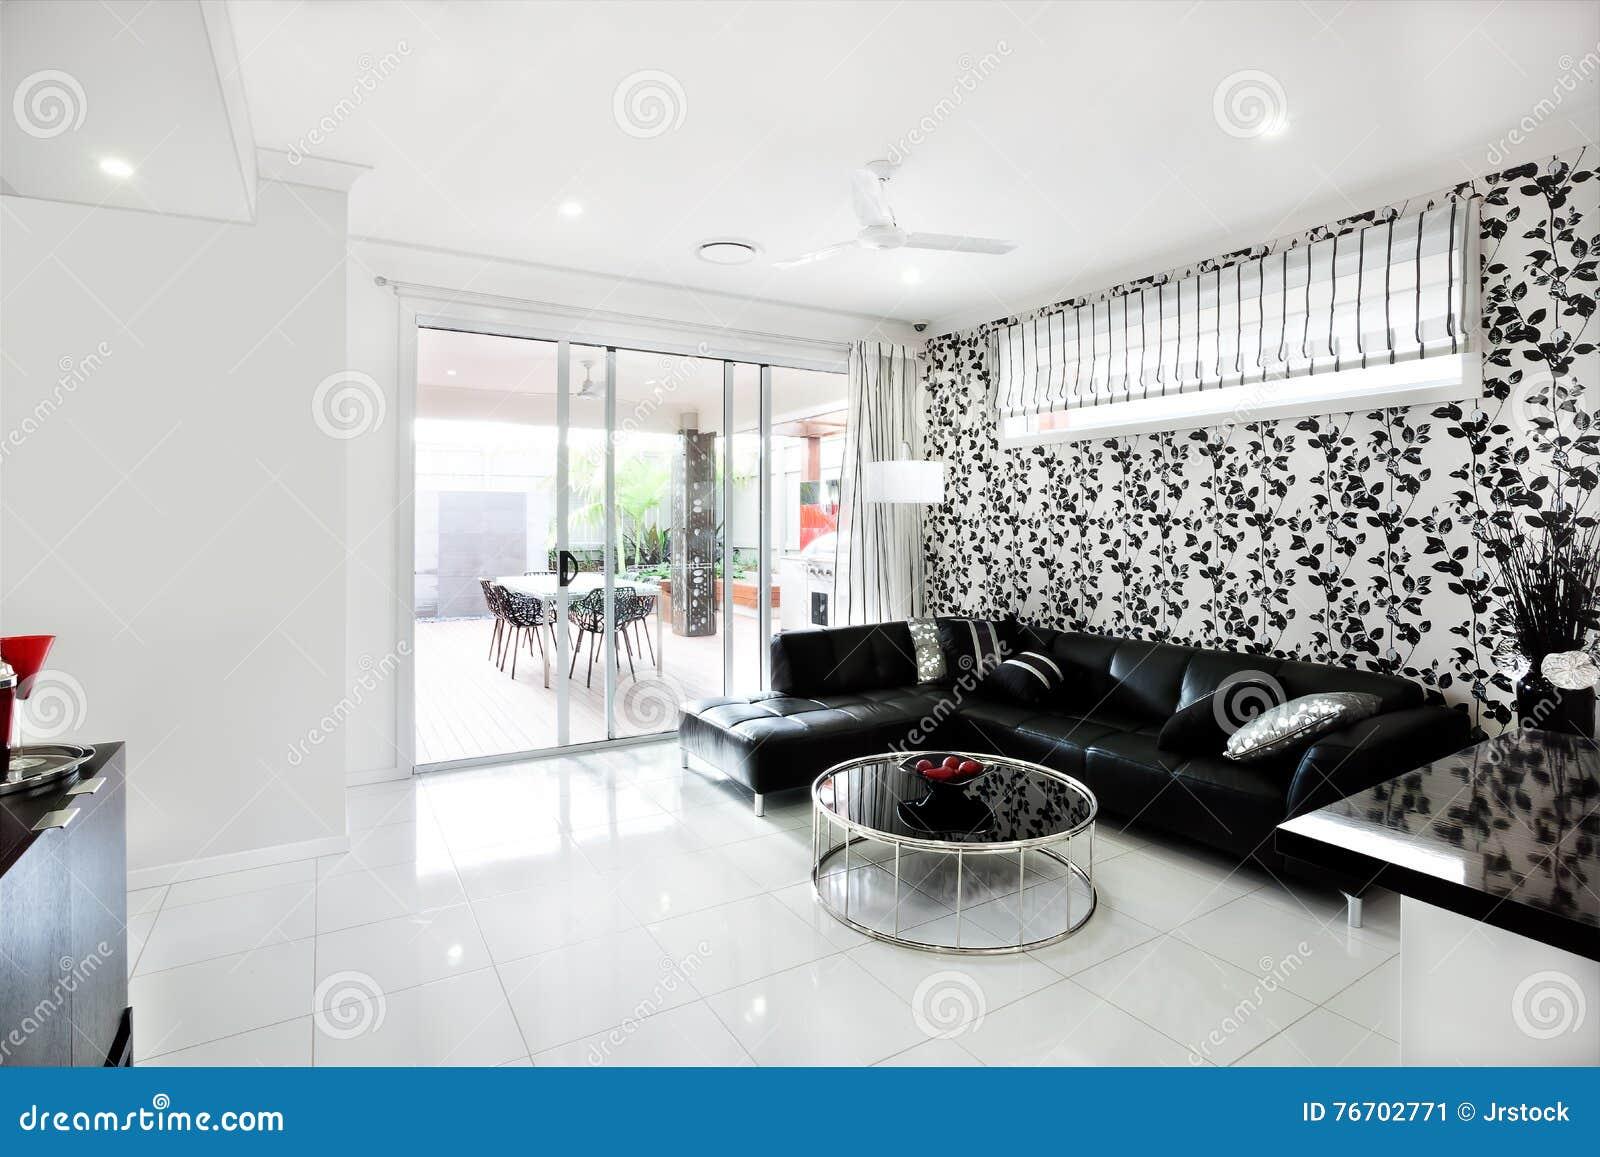 Decoration Interieur Maison Lannion